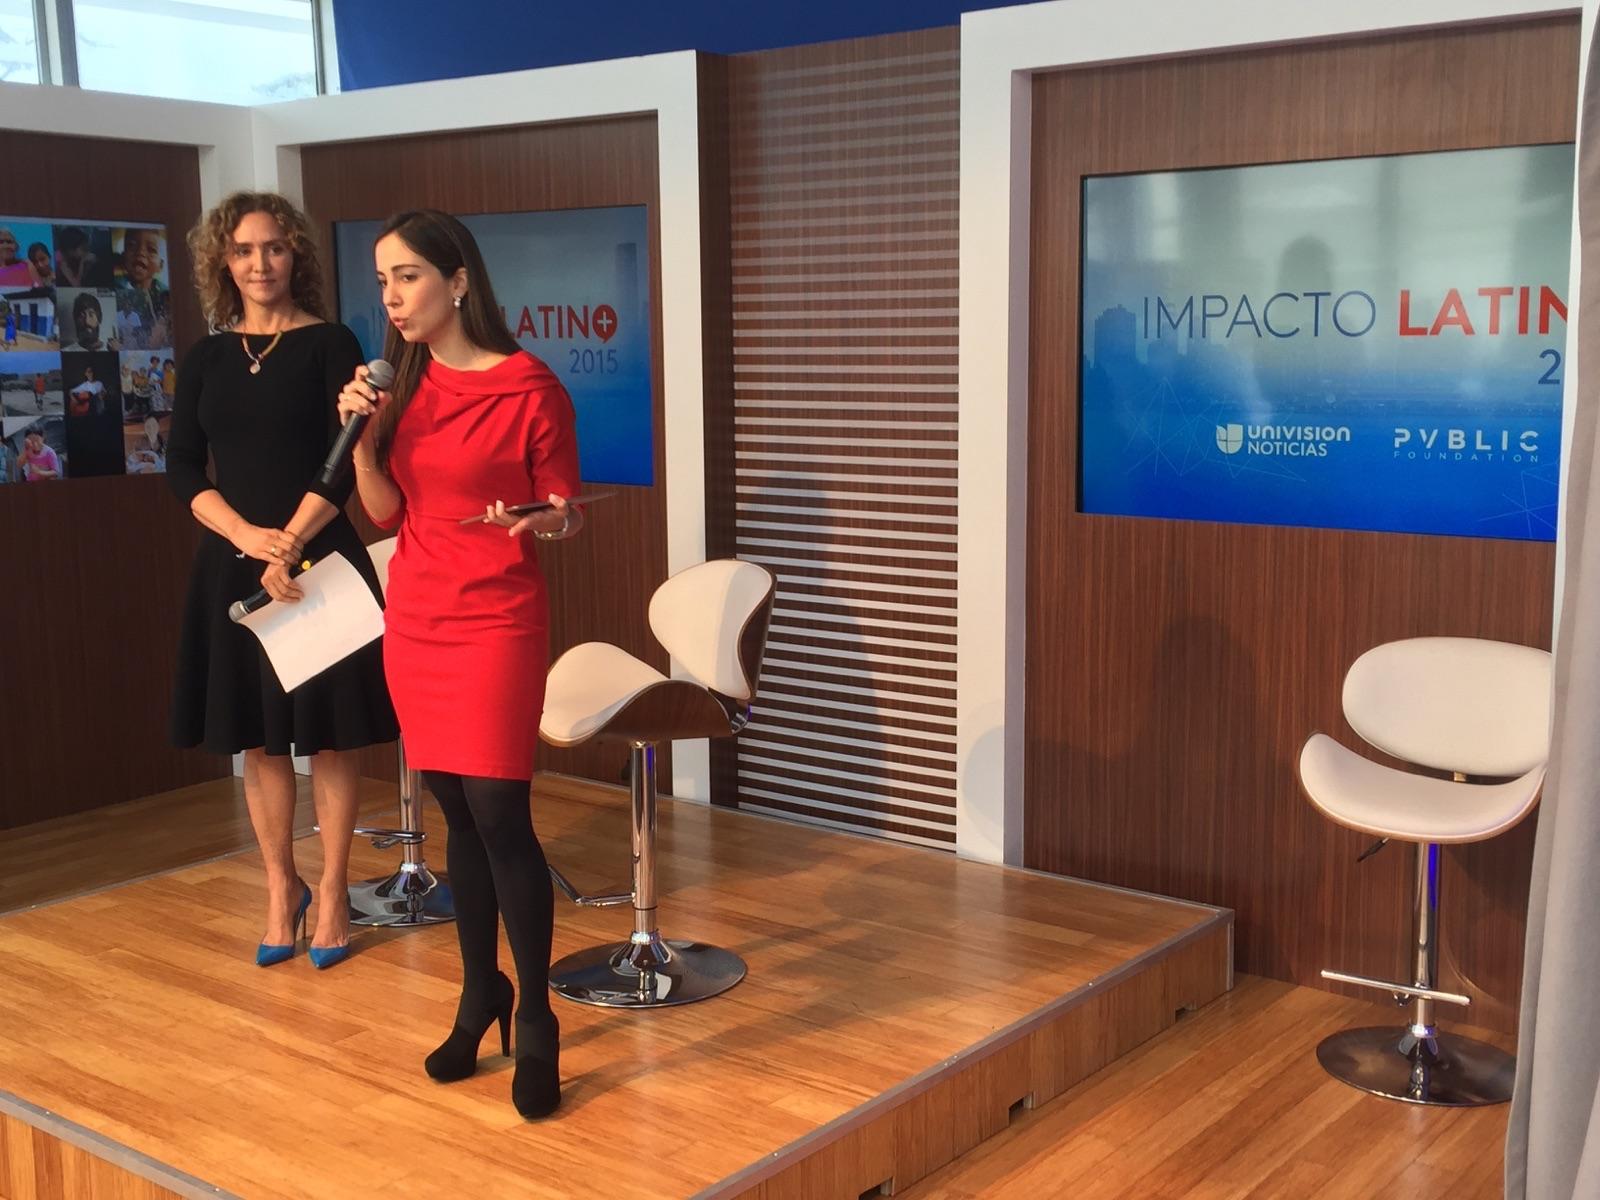 Univision impacto latino new york